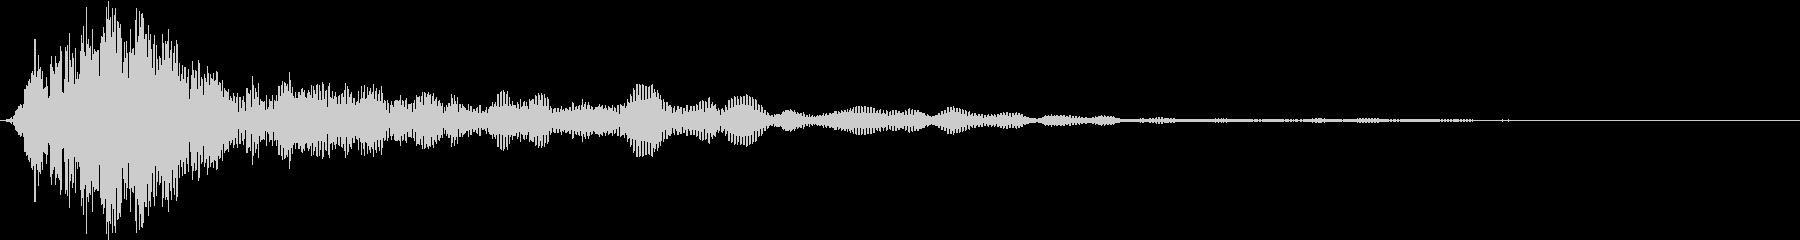 【衝撃音】ゴーッ・ドンッ・・・の未再生の波形